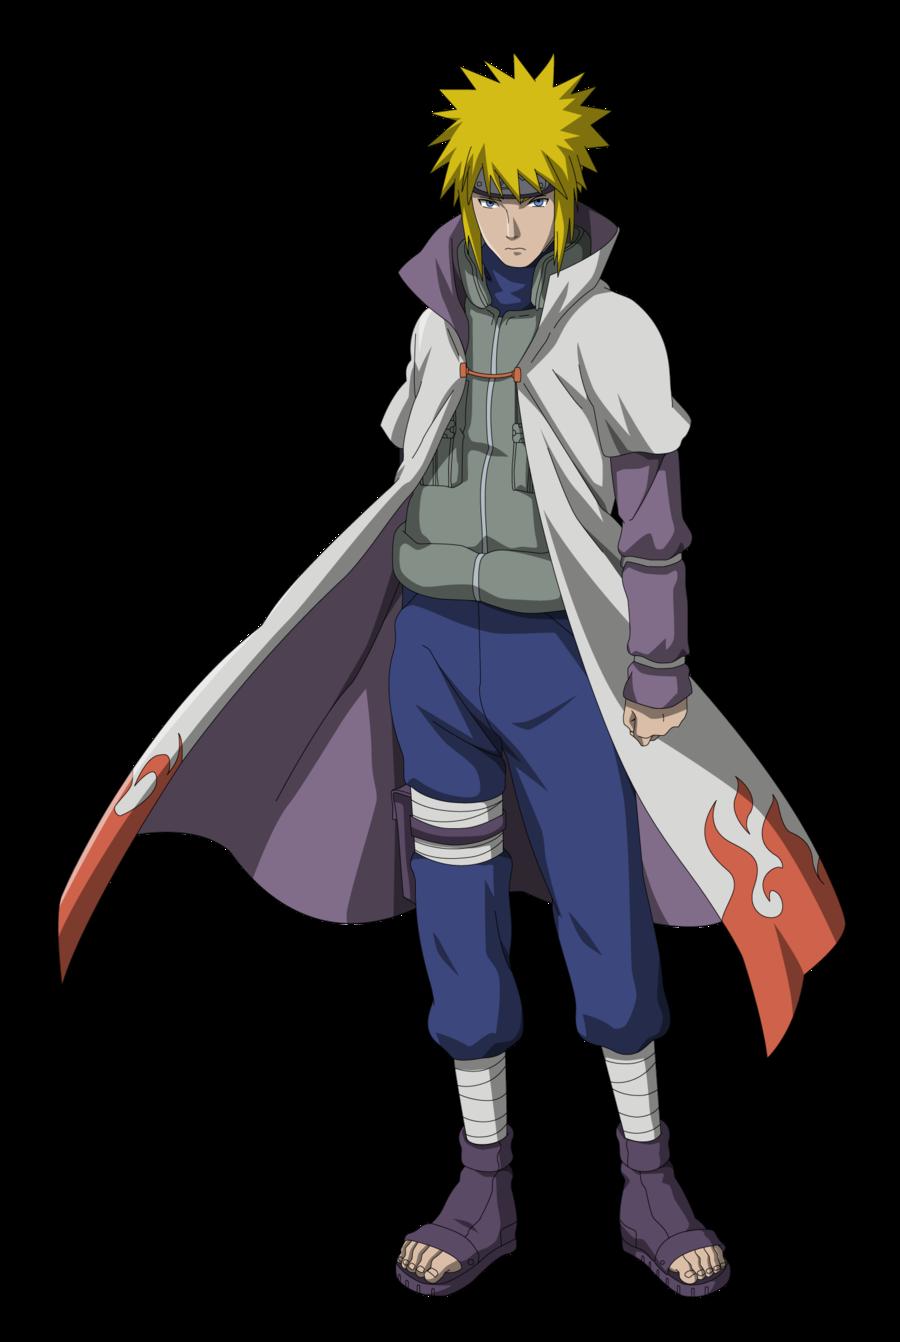 Minato Namikaze | VS Battles Wiki | FANDOM powered by Wikia